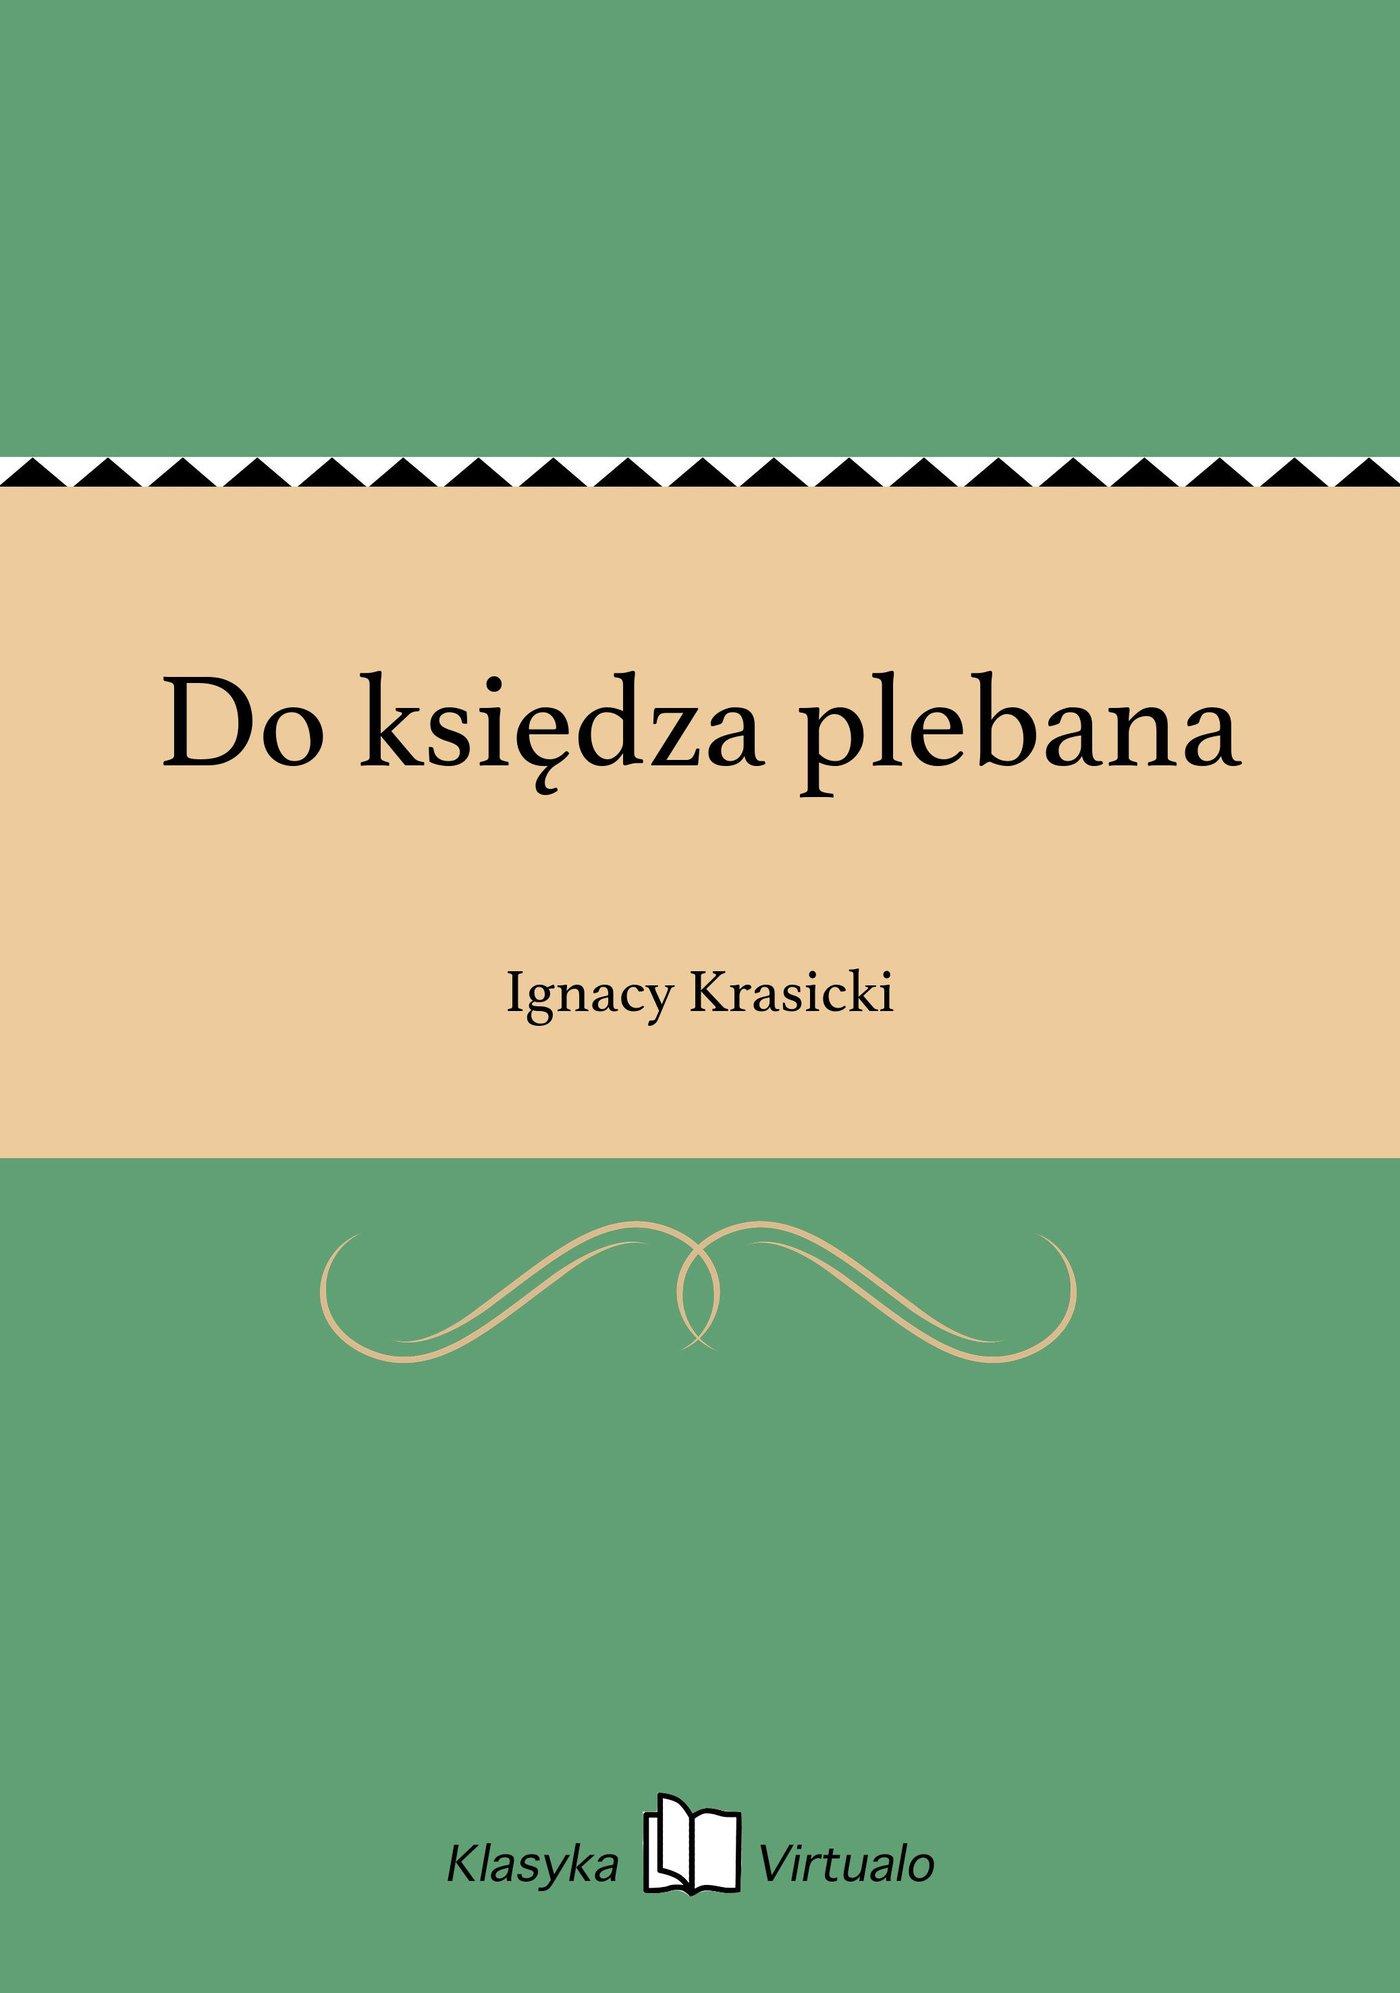 Do księdza plebana - Ebook (Książka na Kindle) do pobrania w formacie MOBI